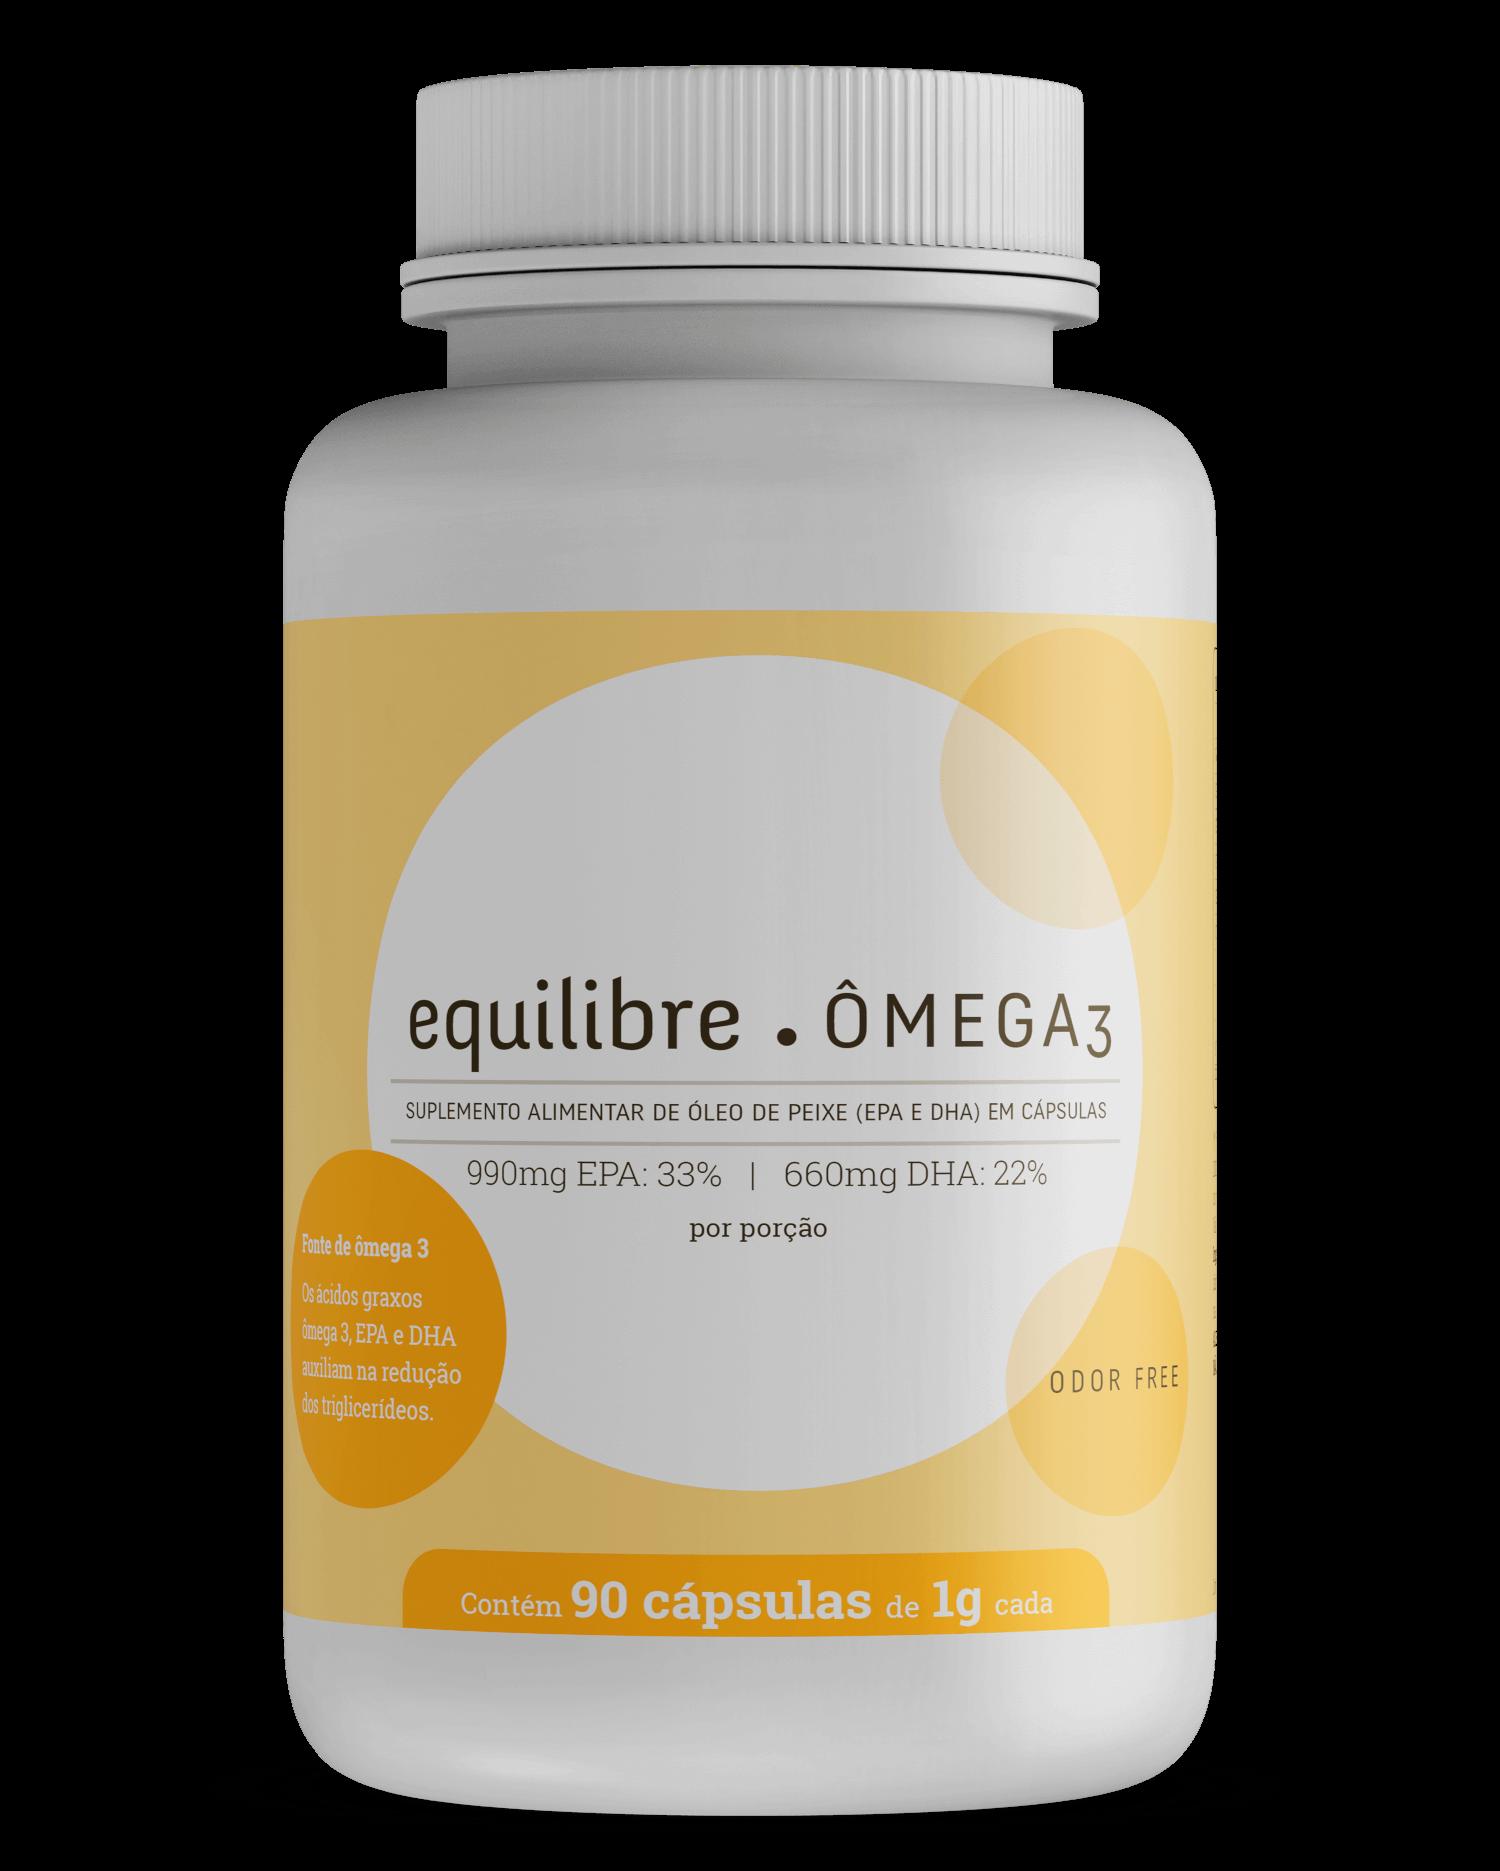 Omega 3 Odor Free 90 g - Equilibre